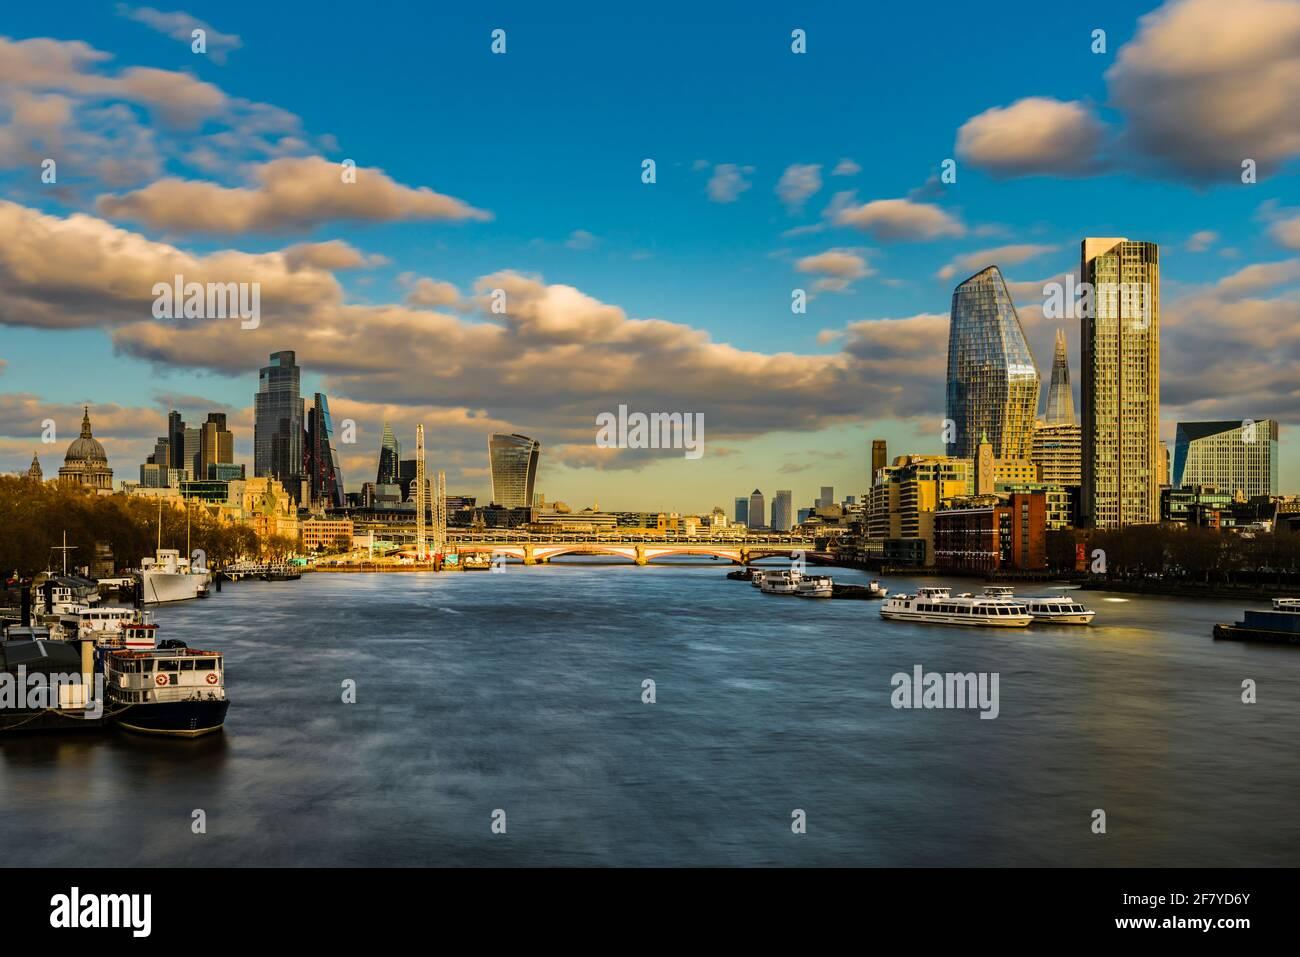 Vista a última hora de la tarde sobre la ciudad de Londres y el puente Blackfriars, Londres, Reino Unido Foto de stock